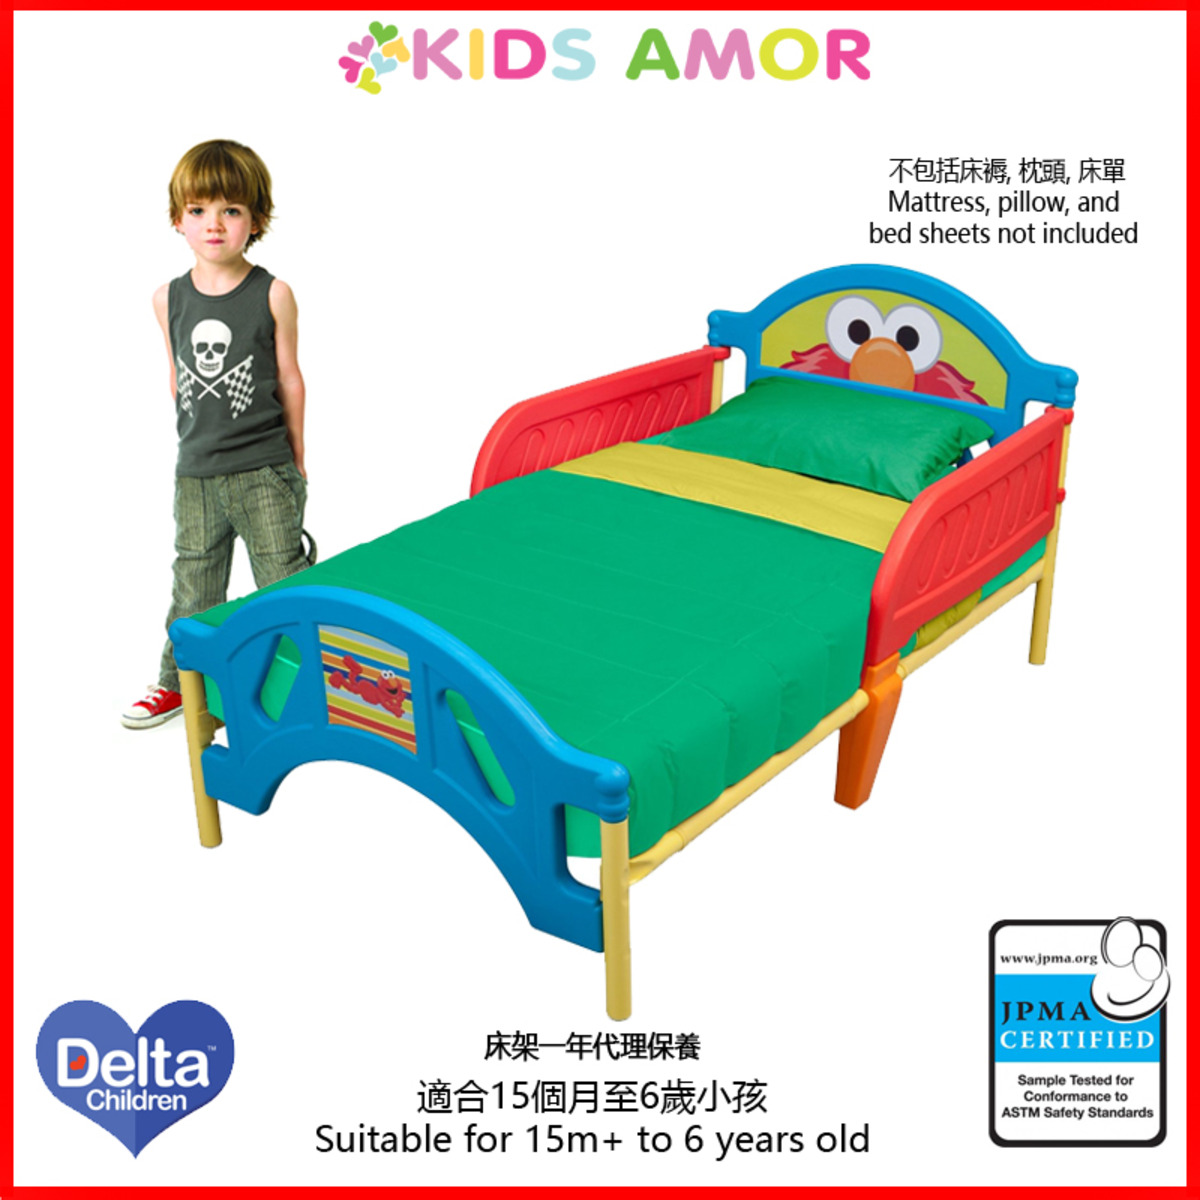 芝麻街ELMO兒童床架(一年有限保養)